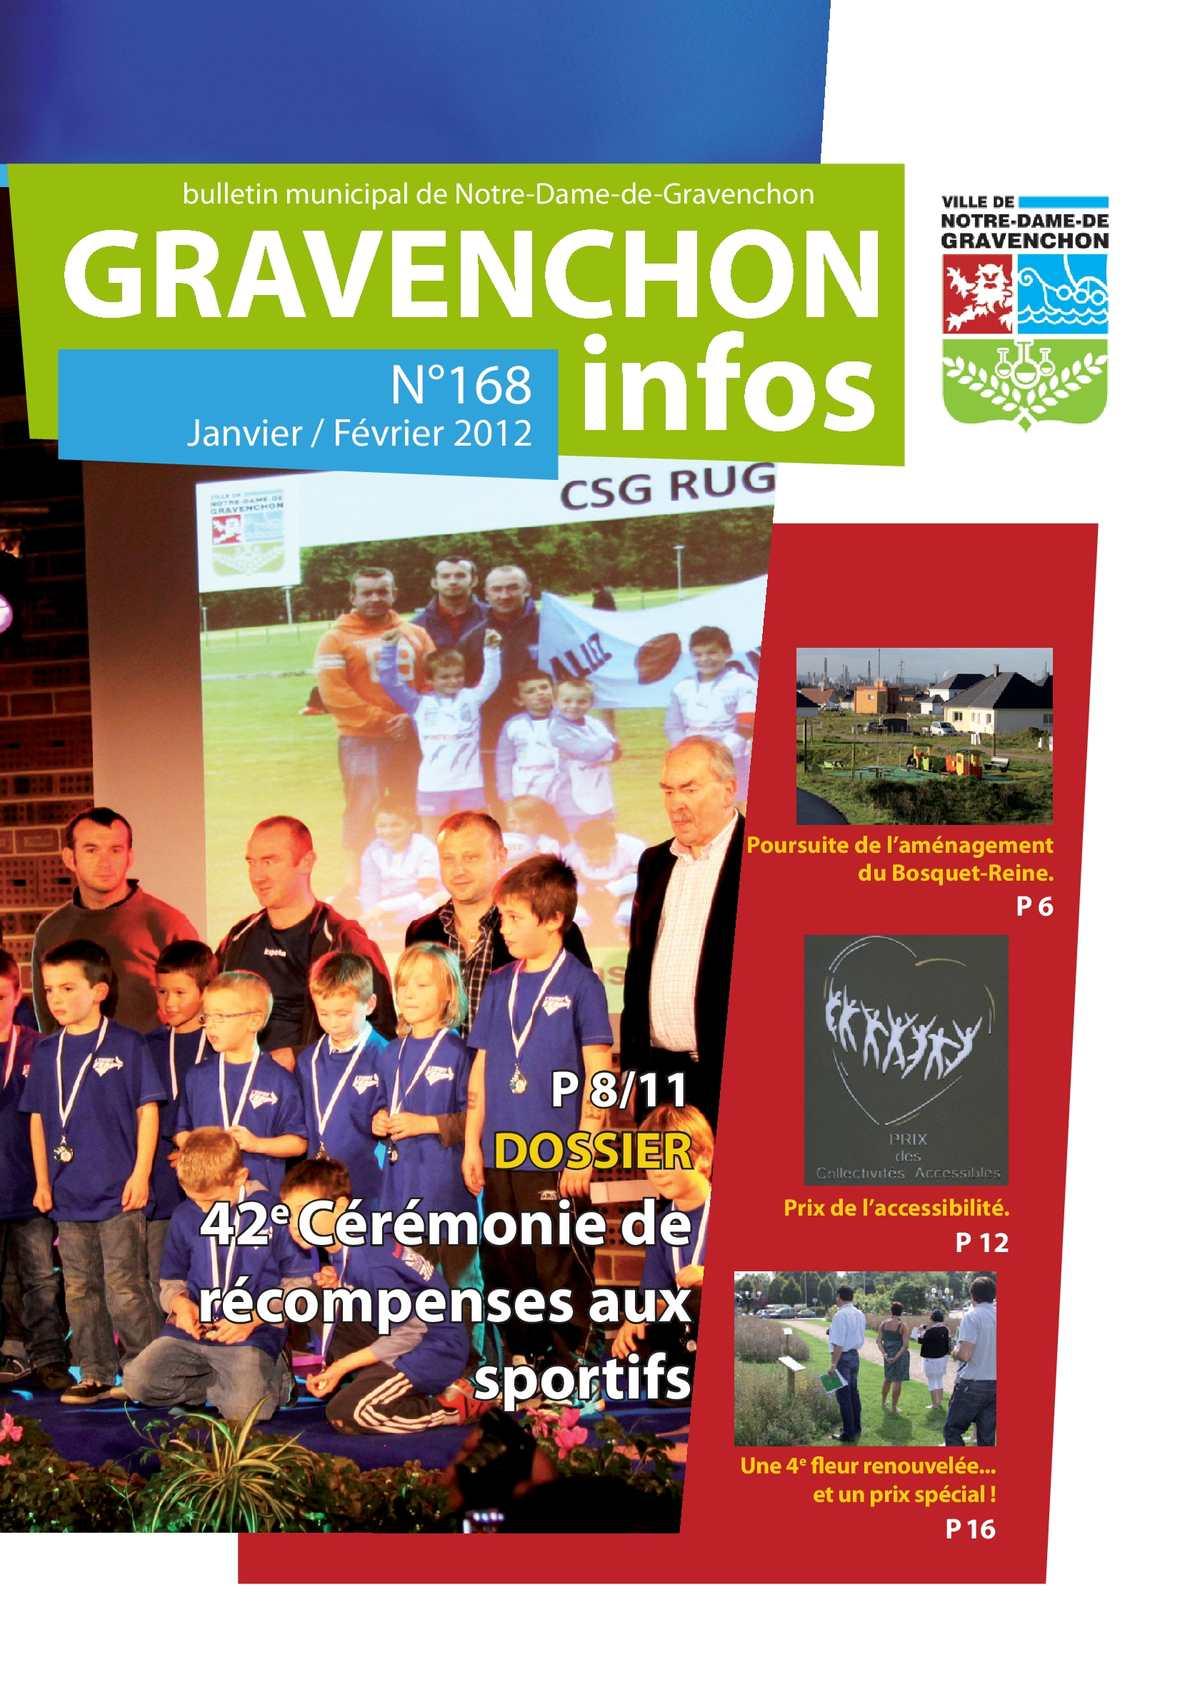 Calam o gravenchon infos 168 janvier f vrier 2012 - Notre dame de gravenchon piscine ...